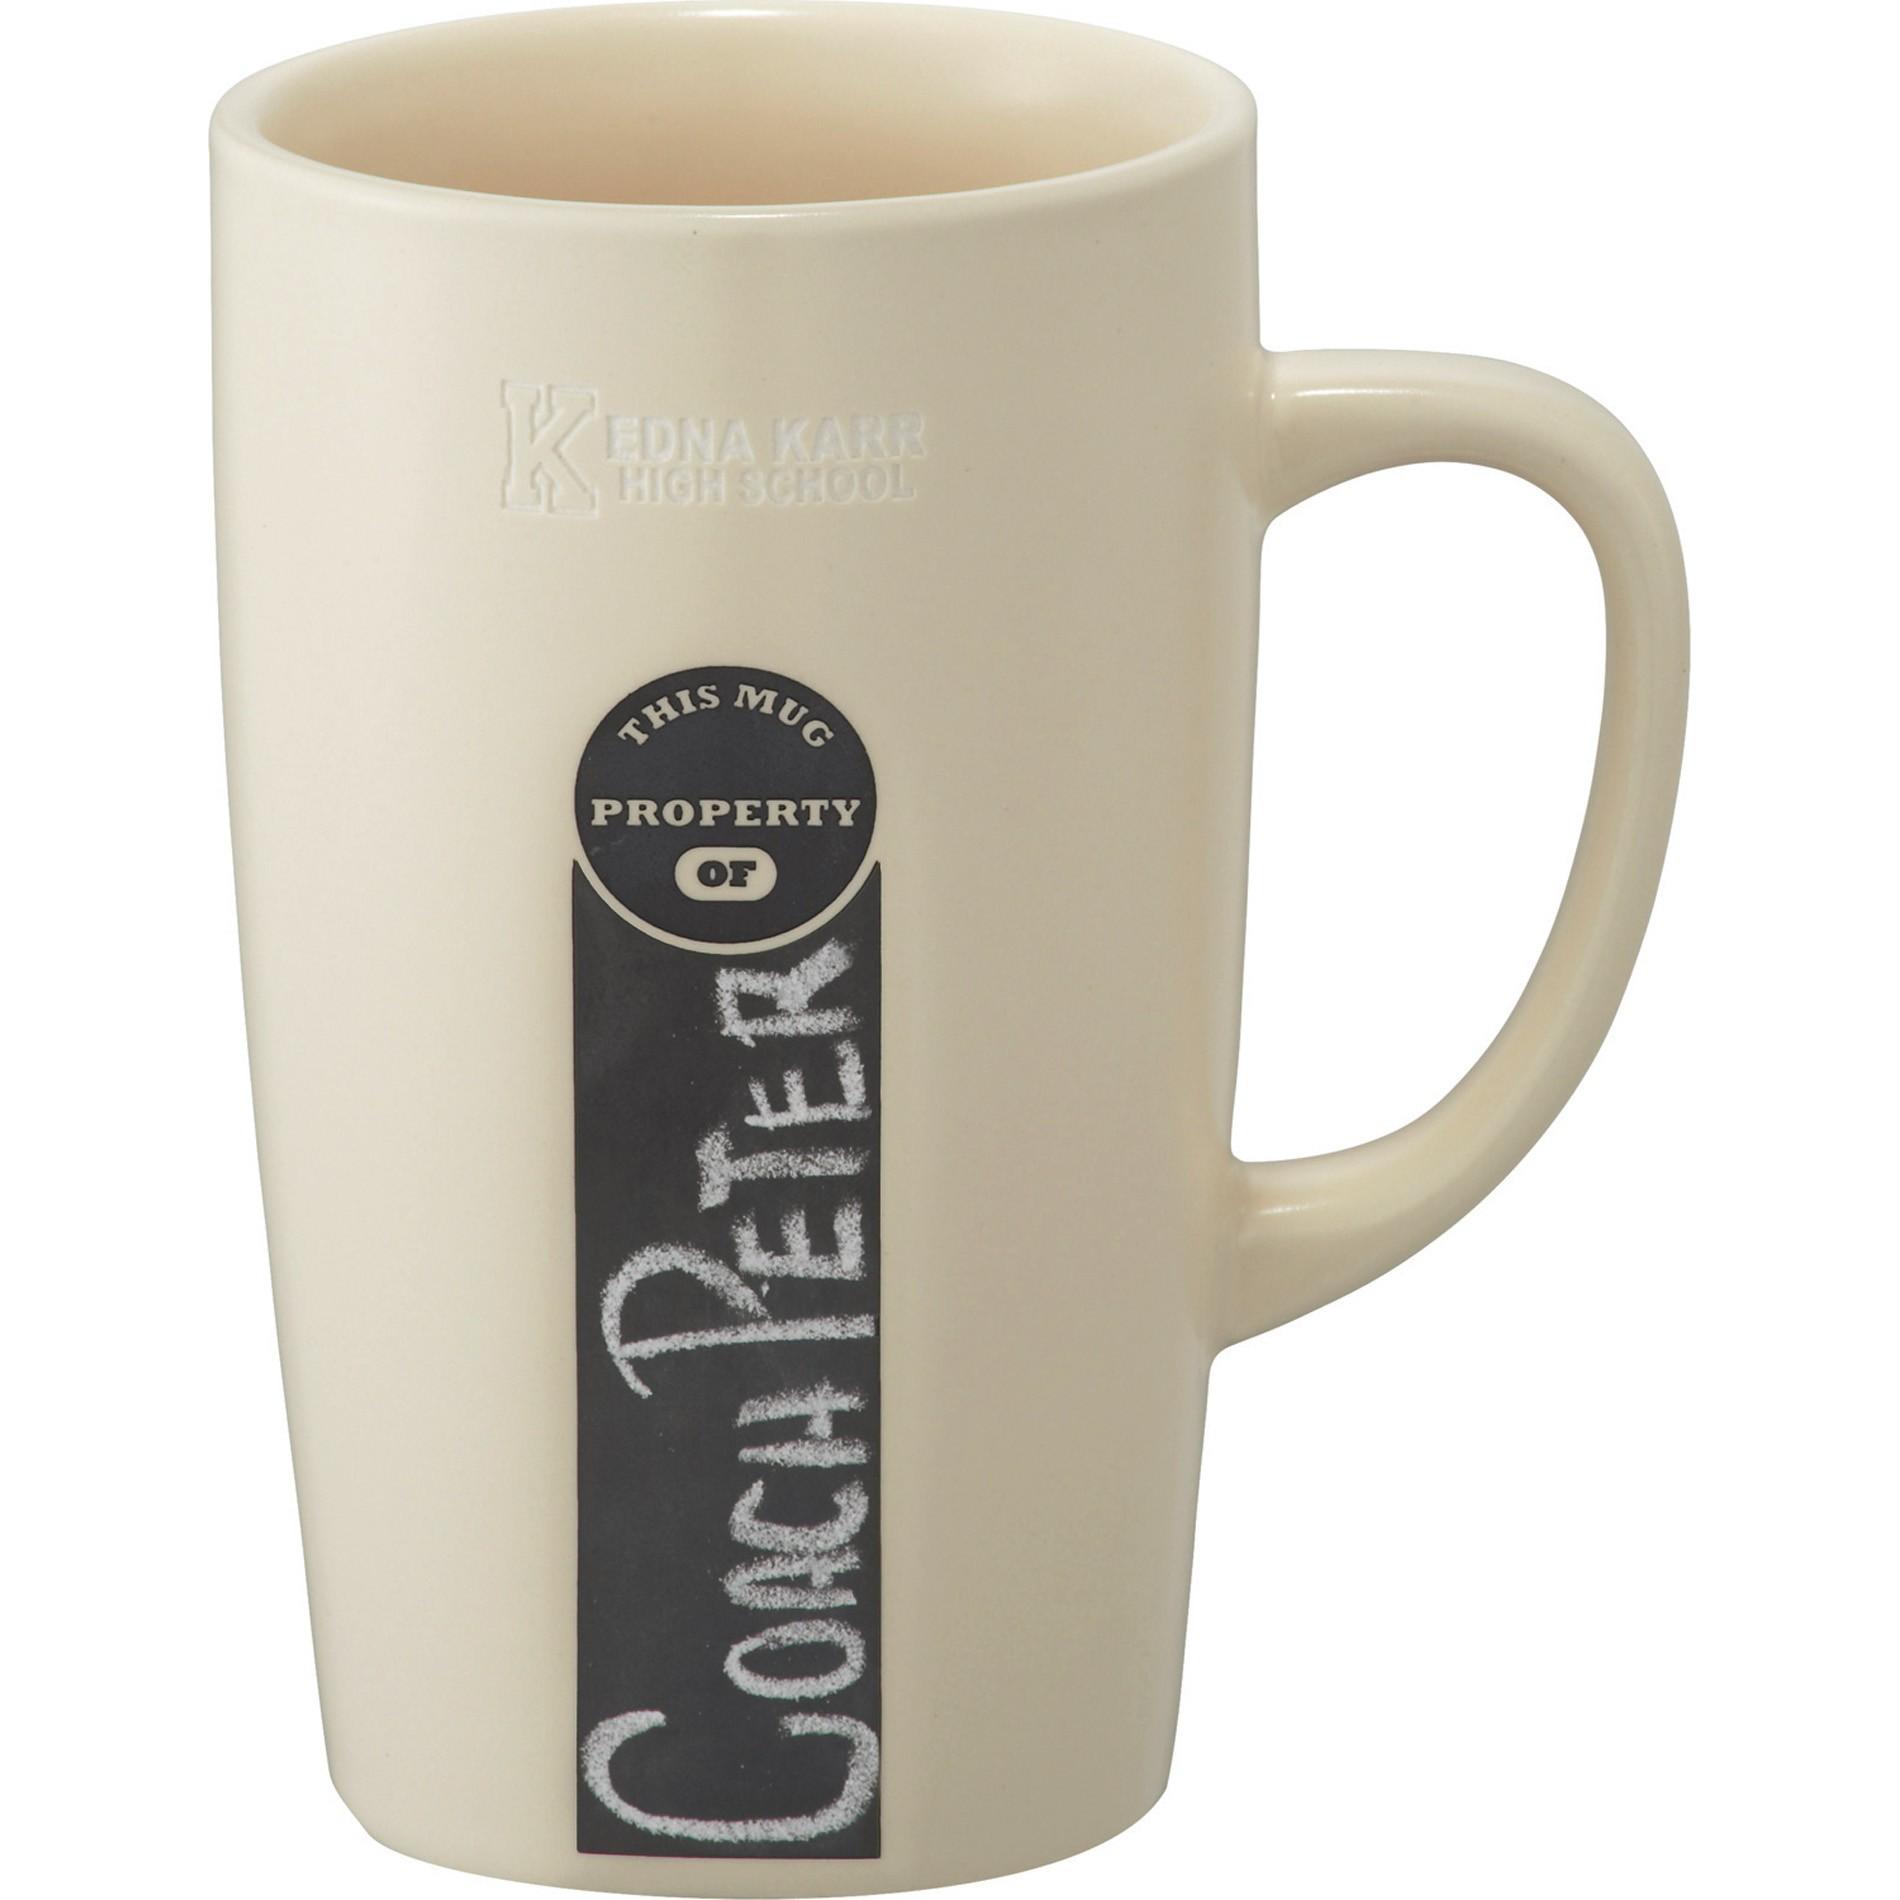 16 oz ID Chalkboard Ceramic Mug - 1624-65